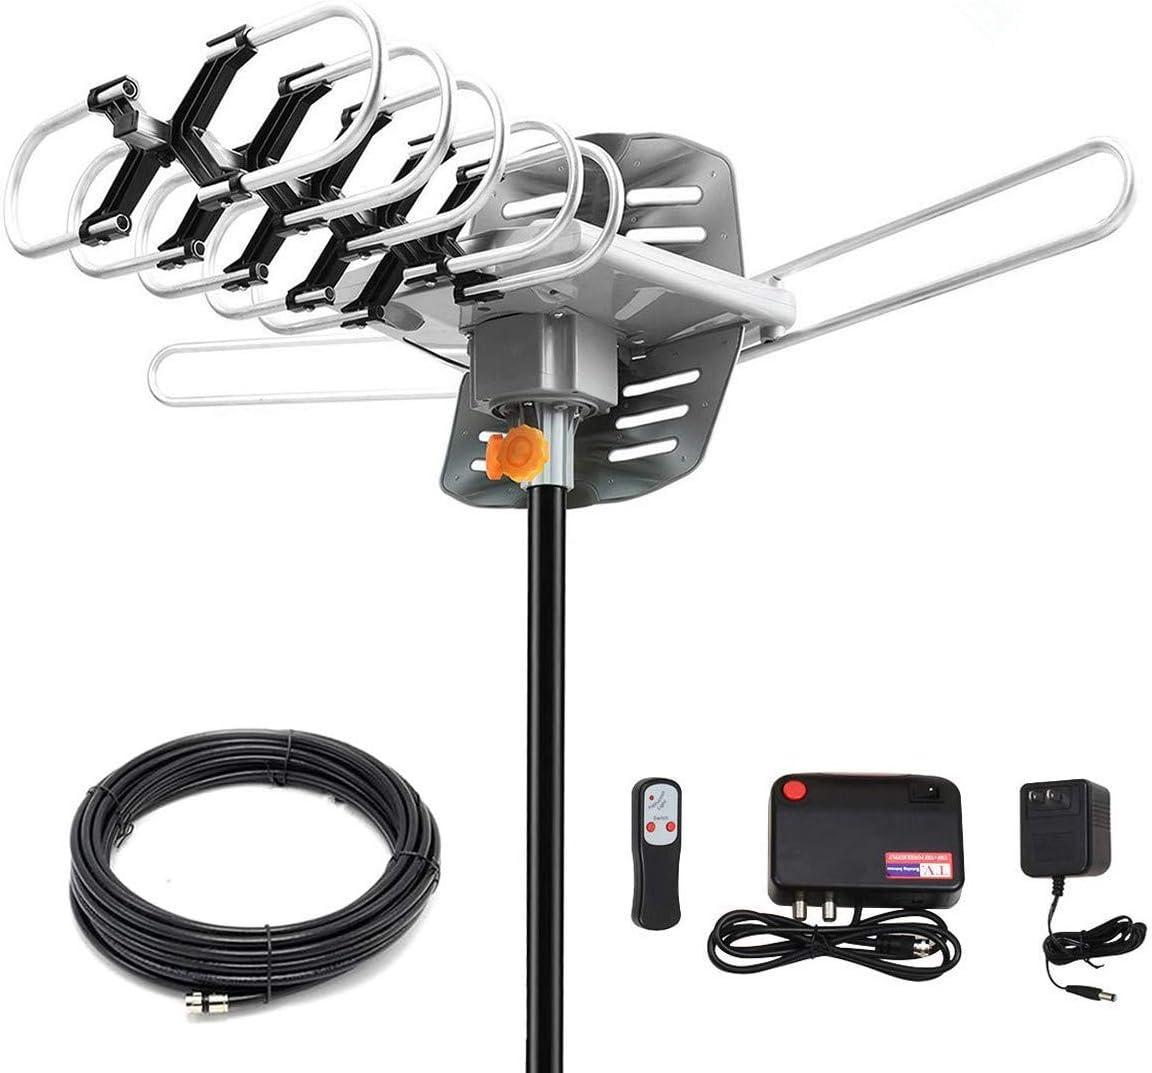 Directional UHF HDTV